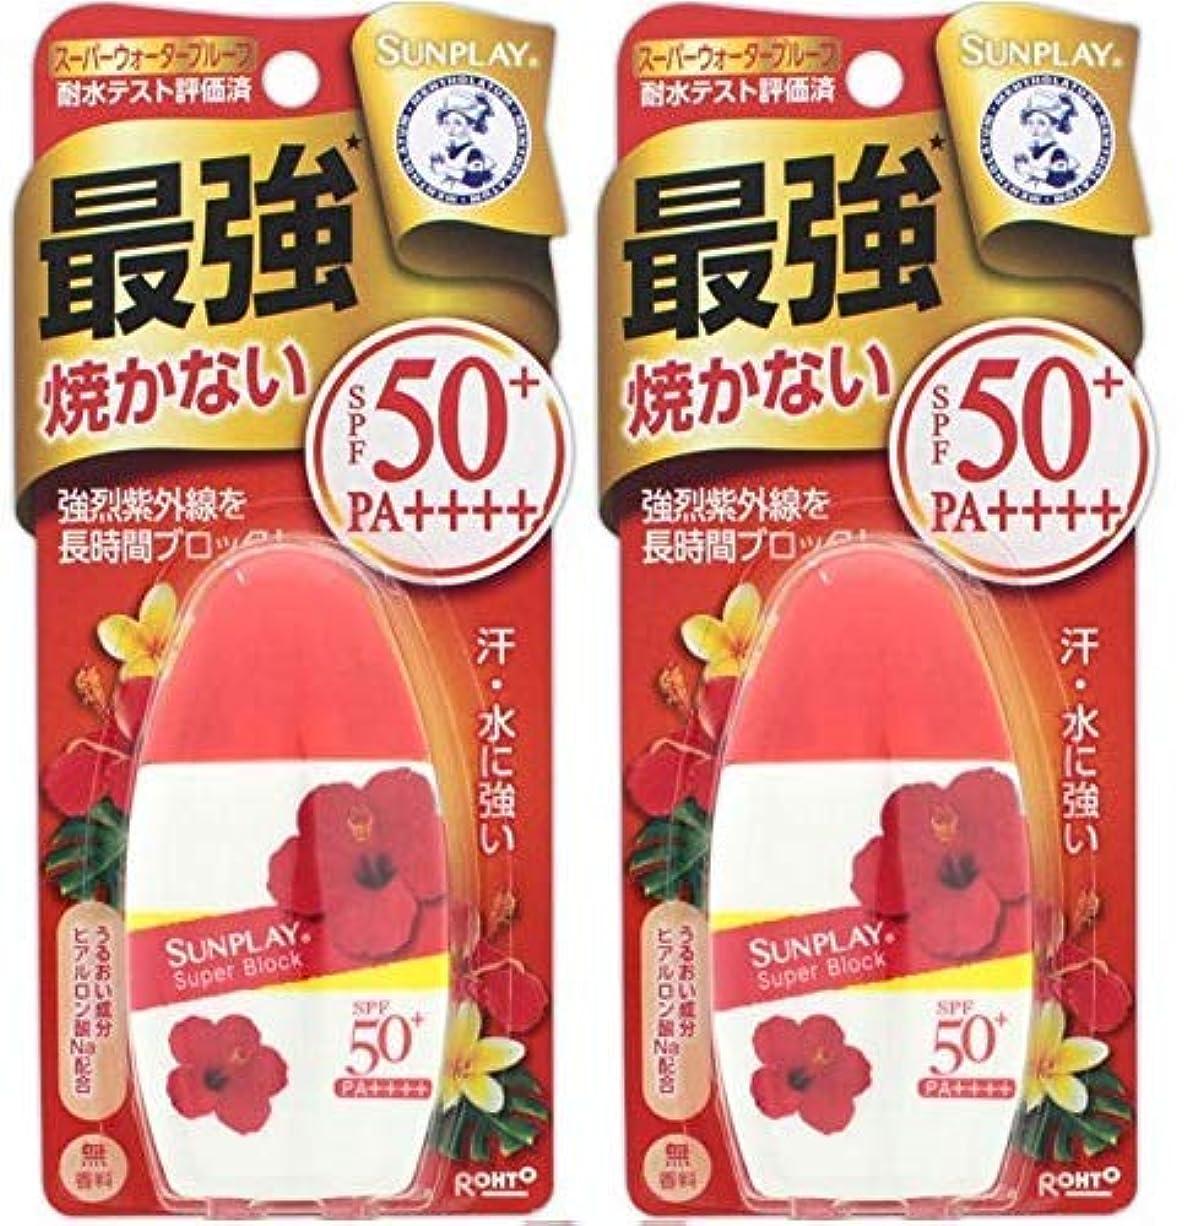 あえて選択ラショナルメンソレータム サンプレイ スーパーブロック 無香料 SPF50+ PA++++ 30g 2個セット